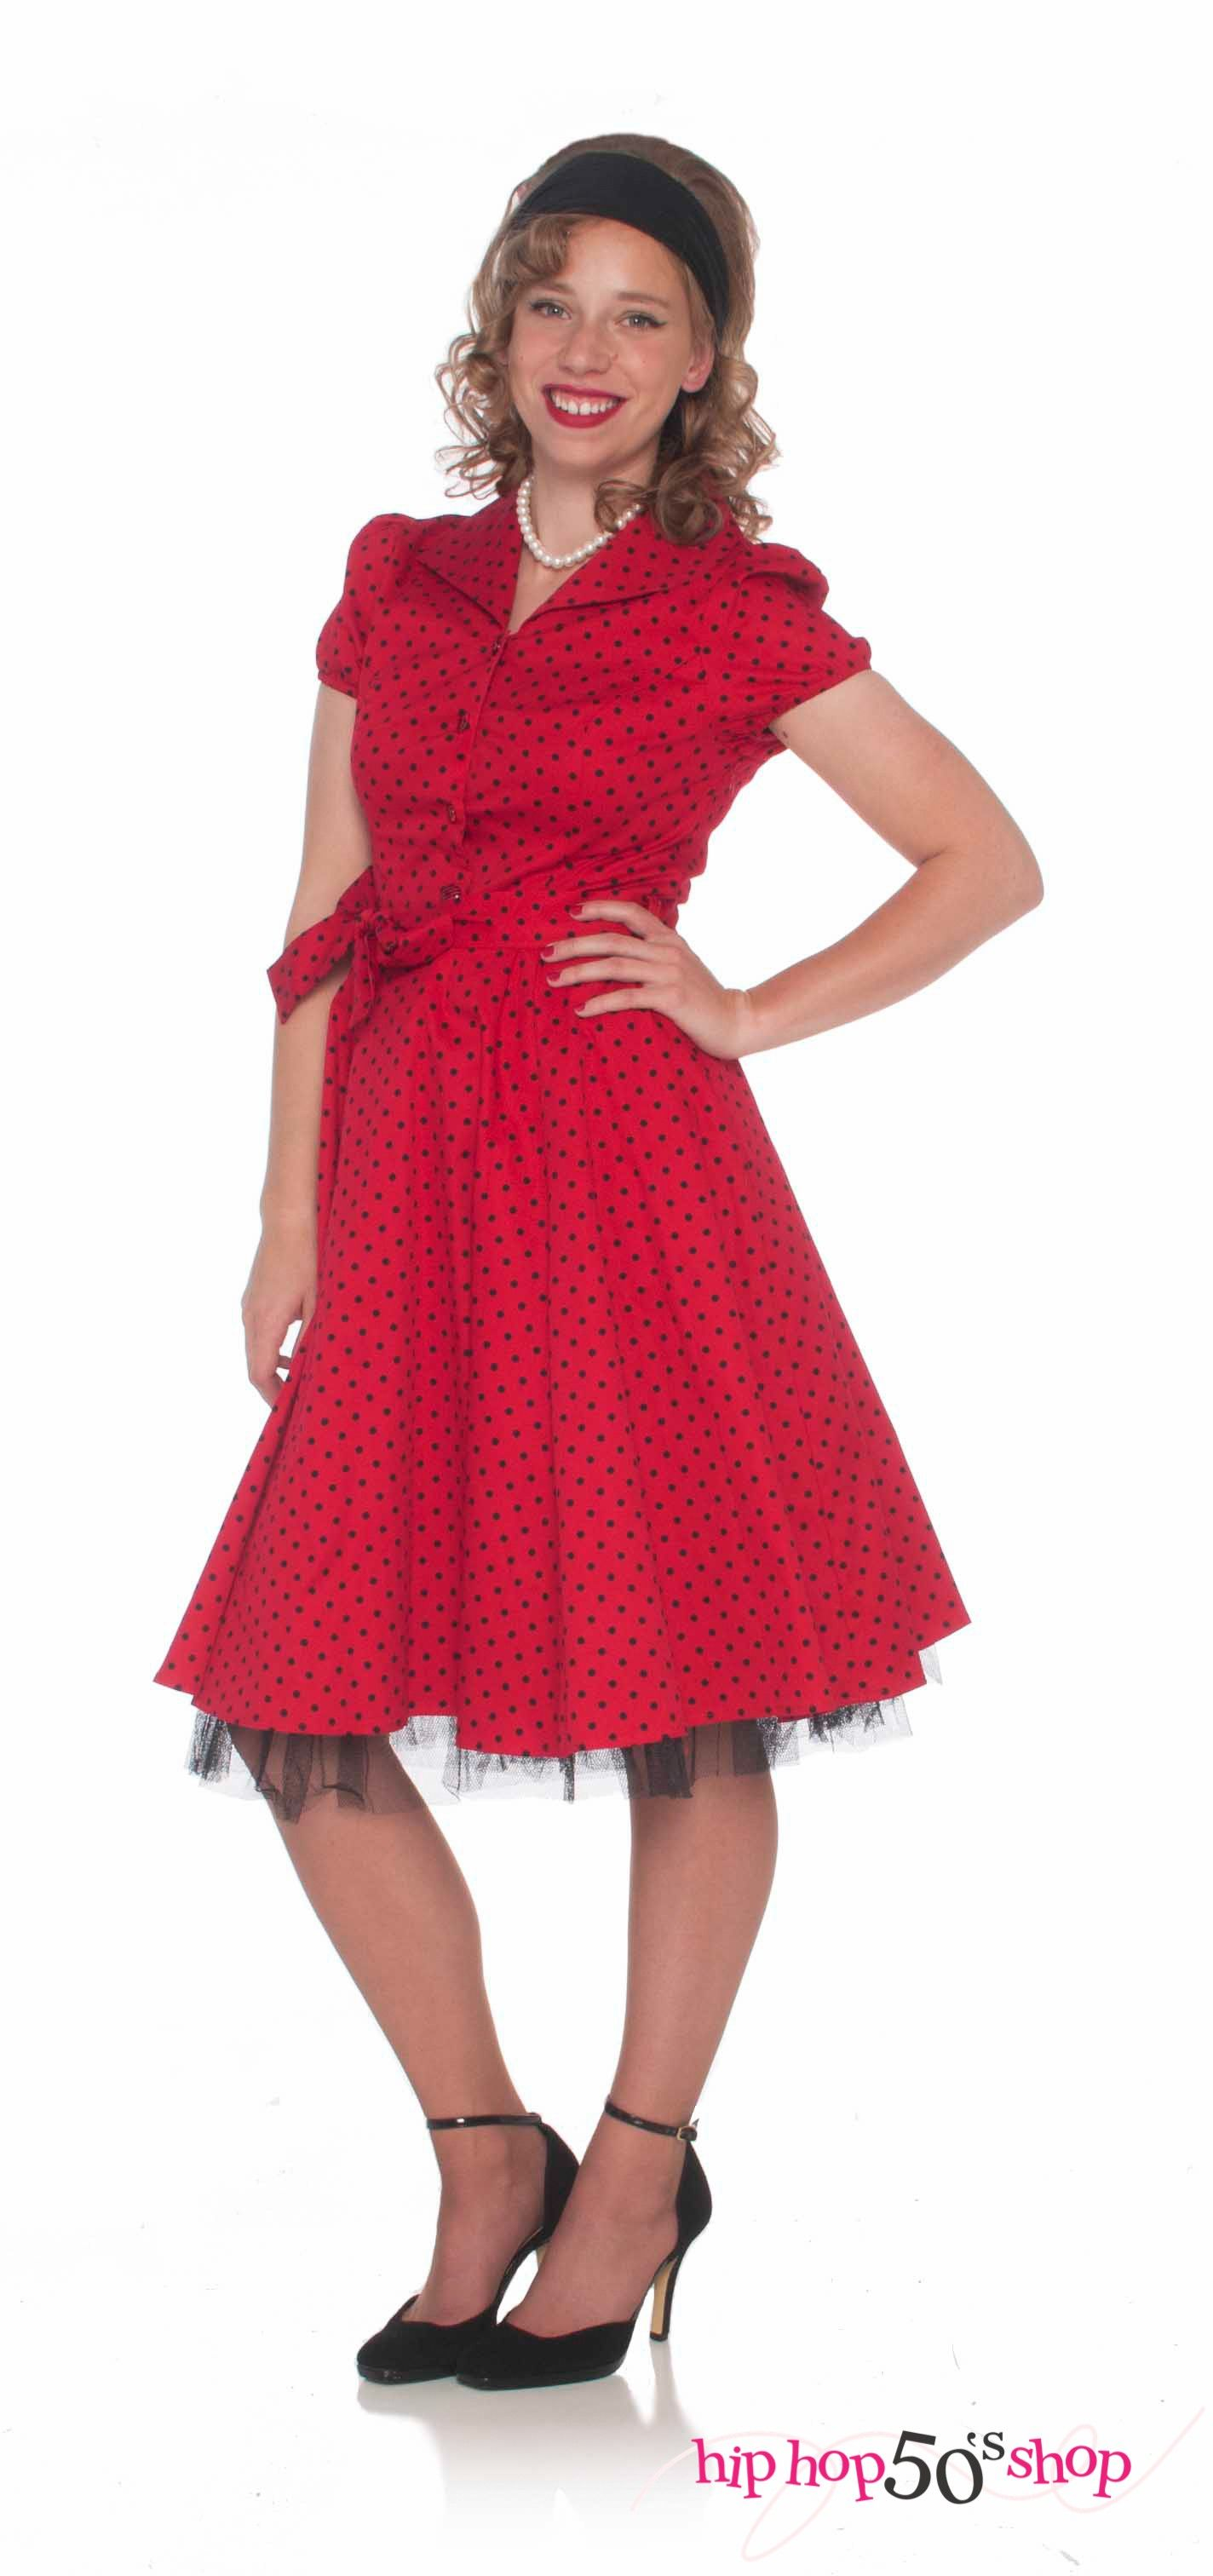 Rockabilly Short Sleeve Swing Dress Red Red Dress Vintage Dresses 50s Vintage Tea Party Dresses [ 3024 x 1424 Pixel ]